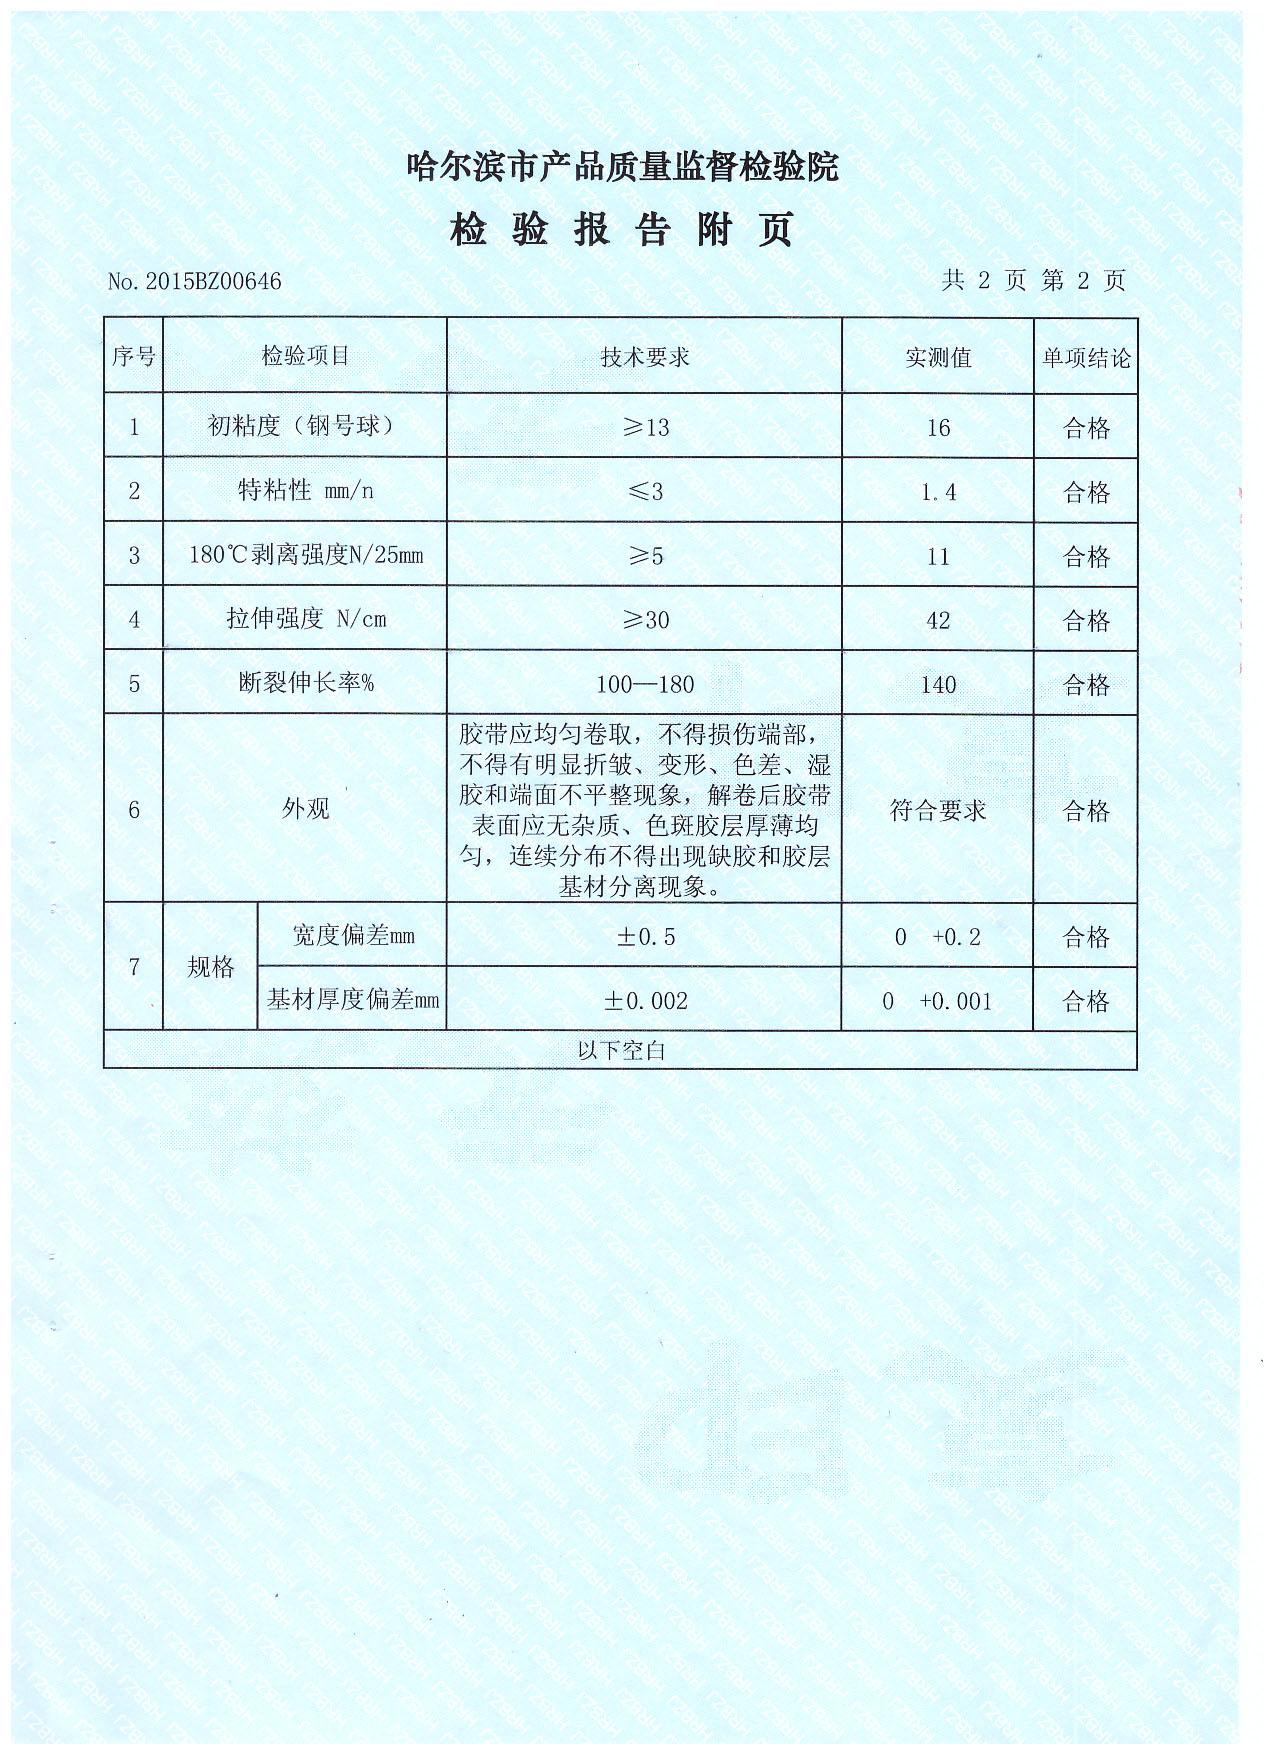 胶带检验报告附页